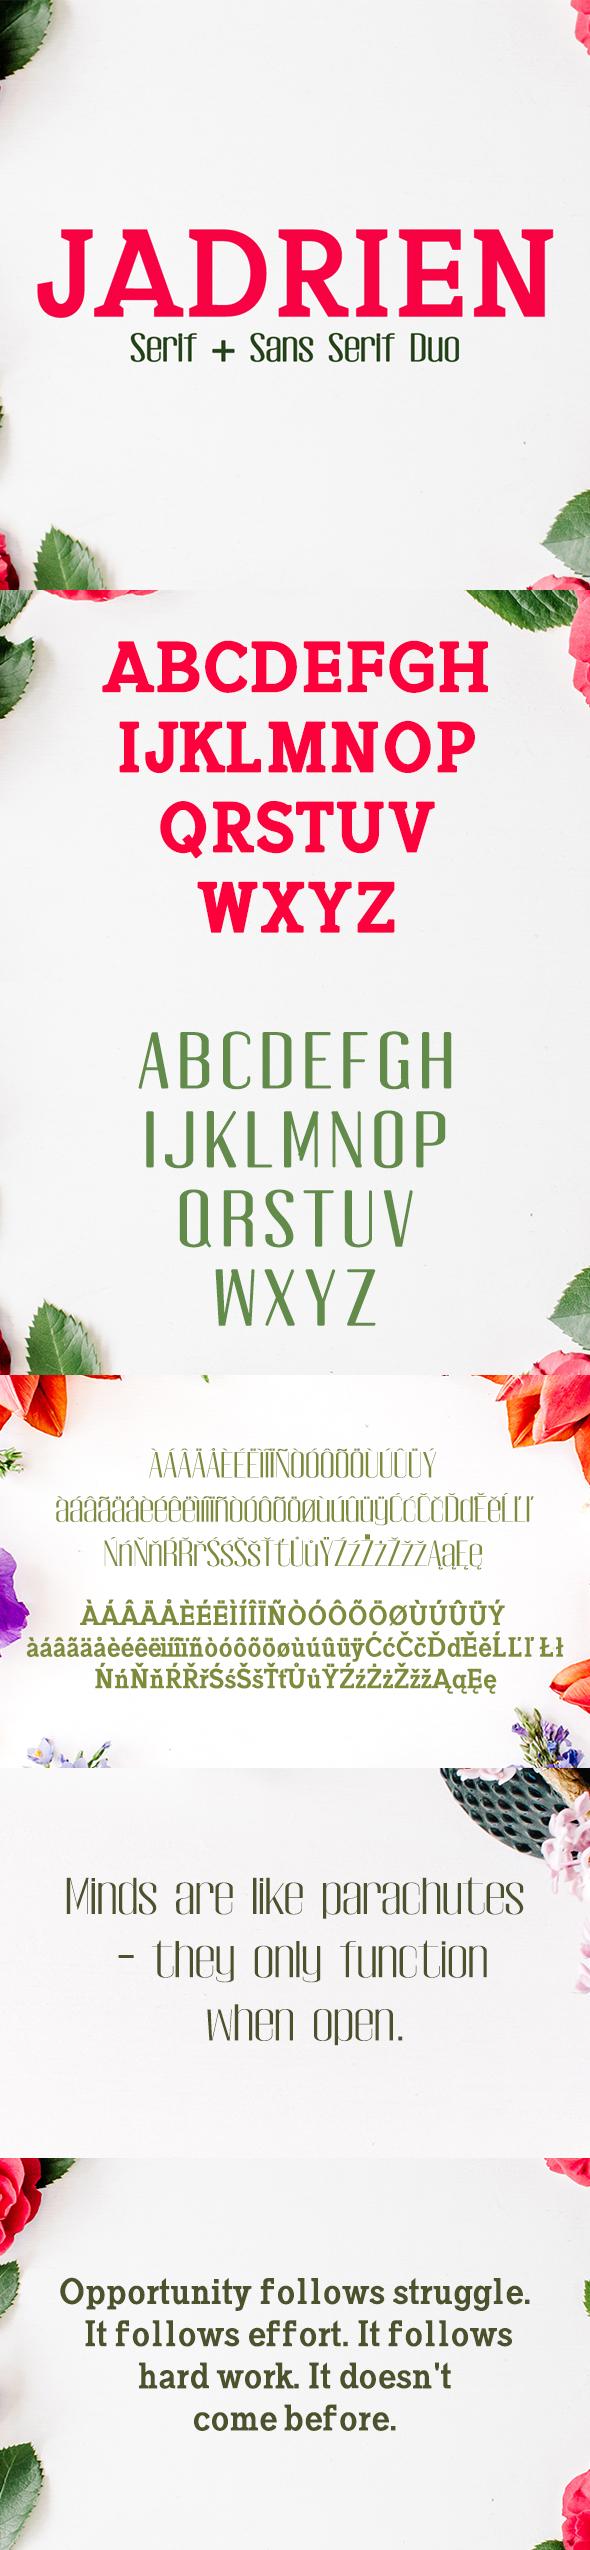 Jadrien Serif + Sans Duo 5 Font Pack - Sans-Serif Fonts